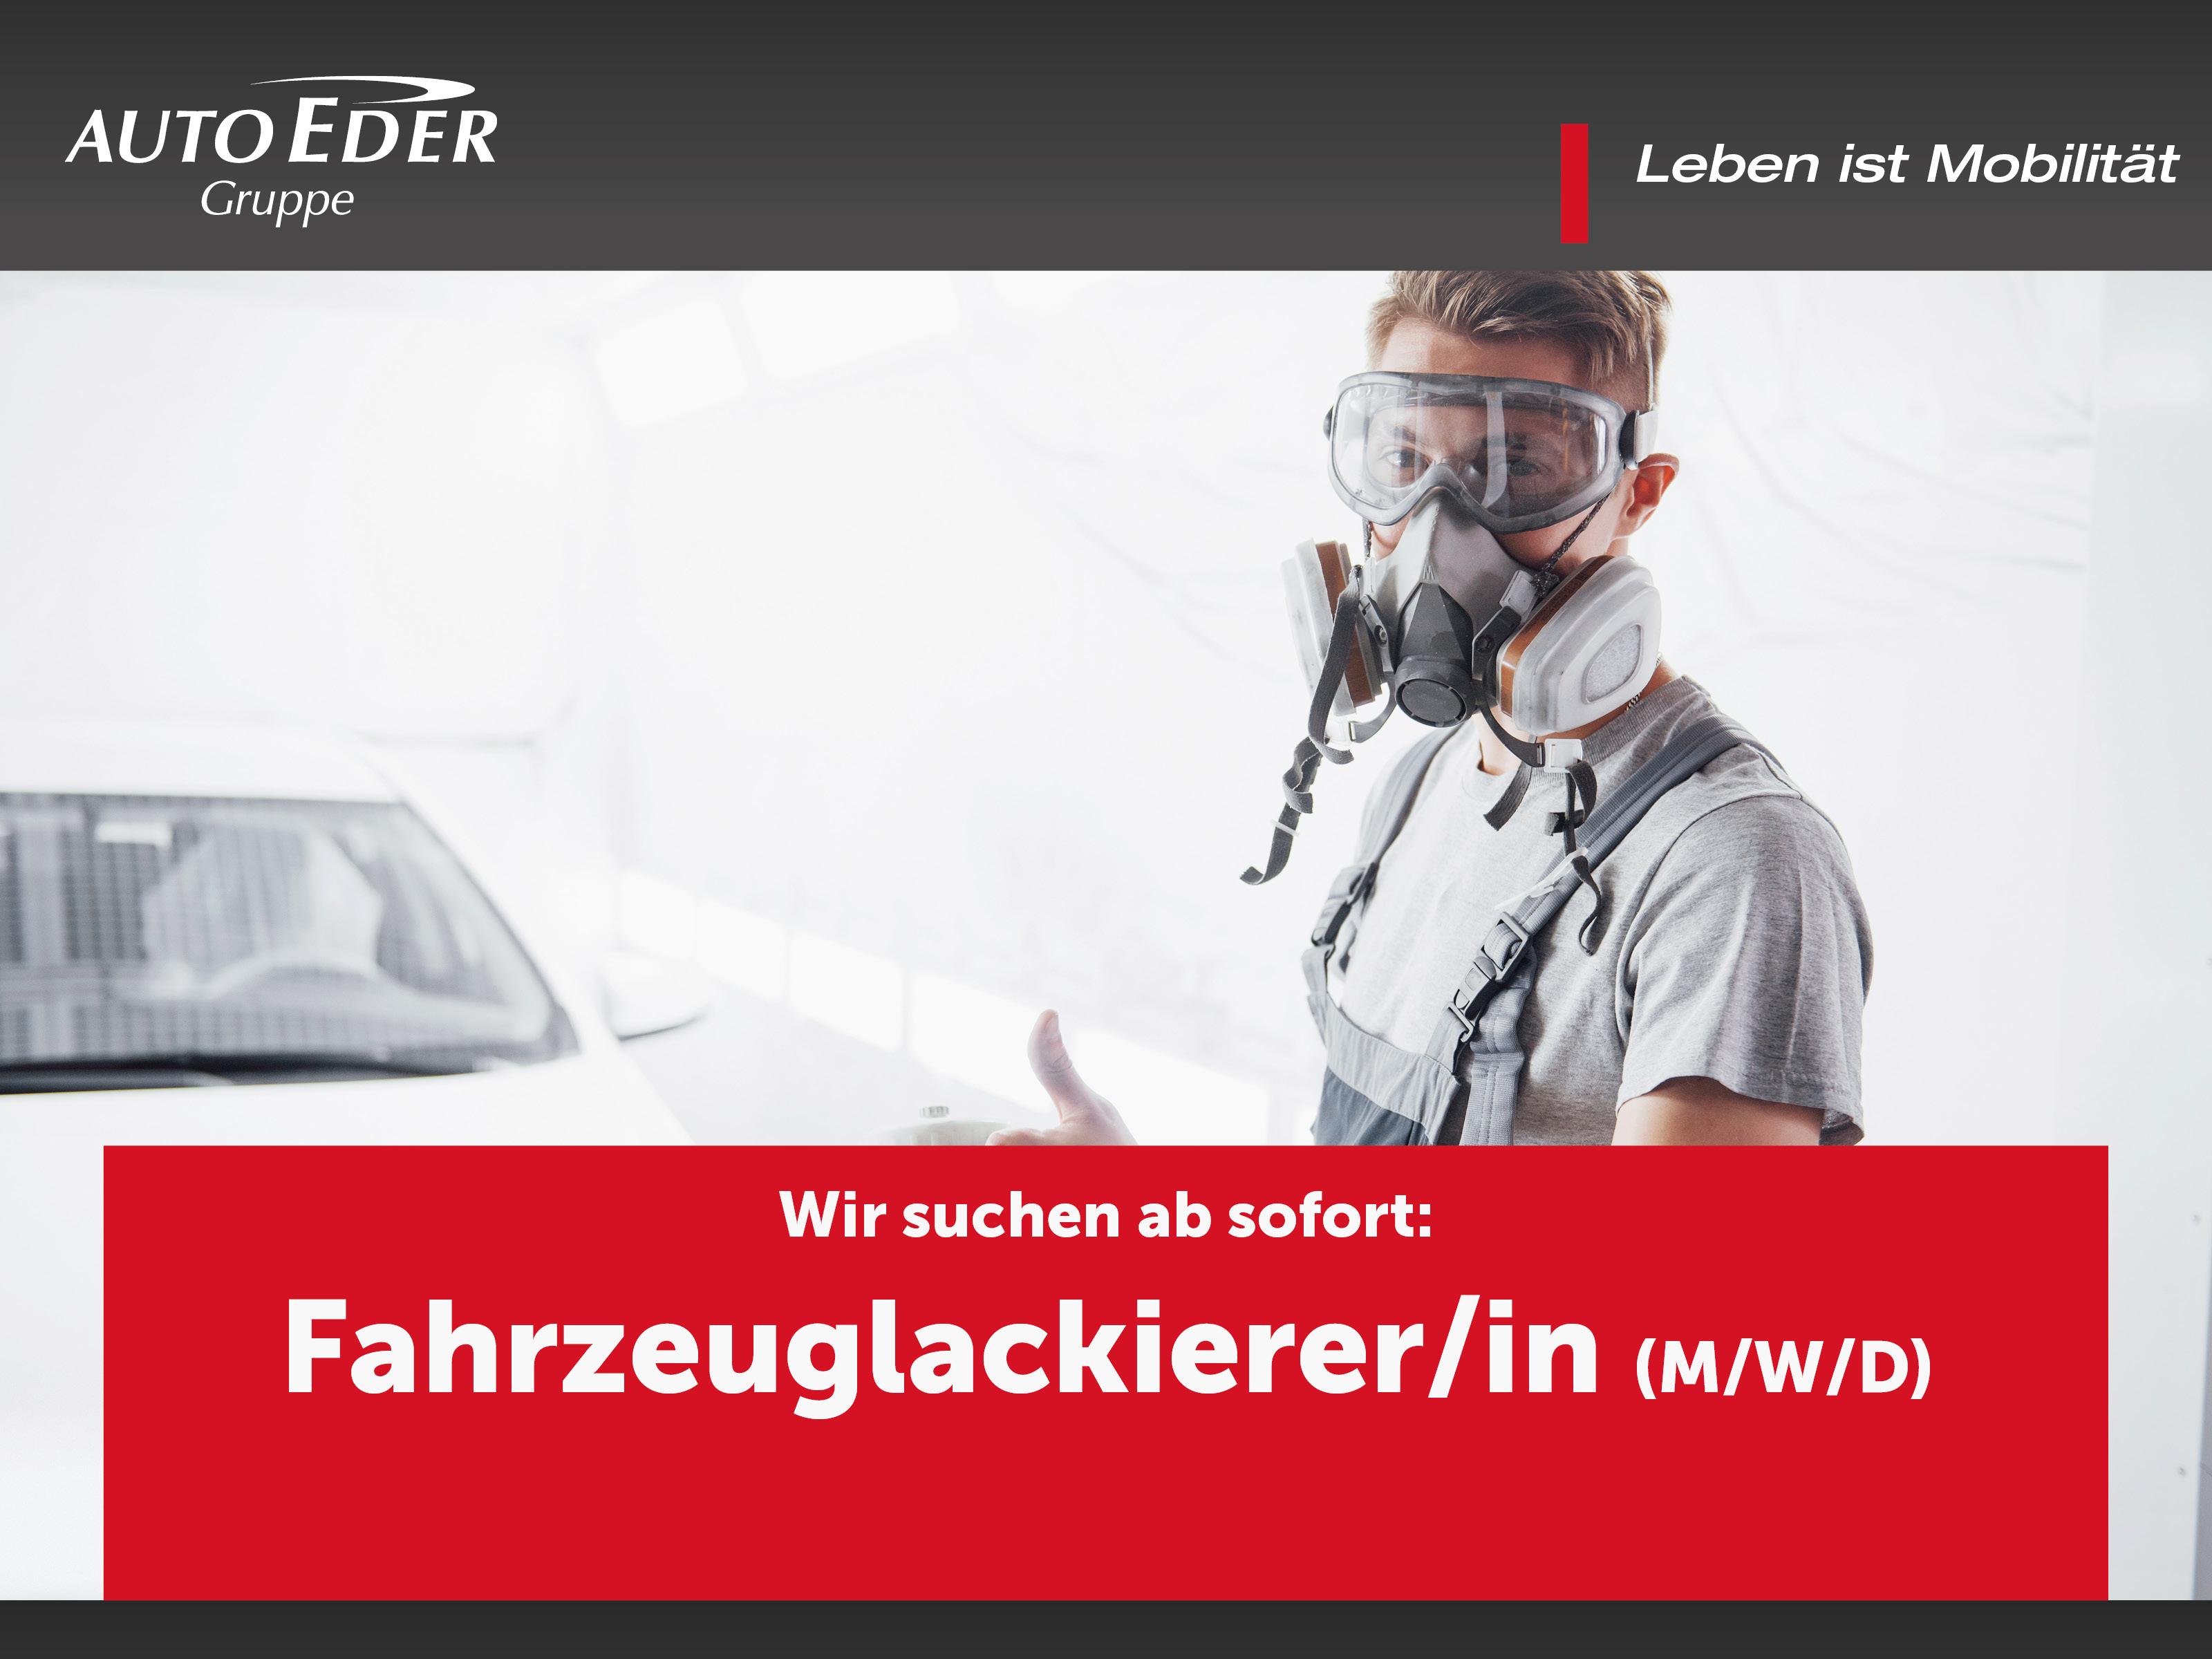 Lackierer/in | Fahrzeuglackierer/in (m/w/d)